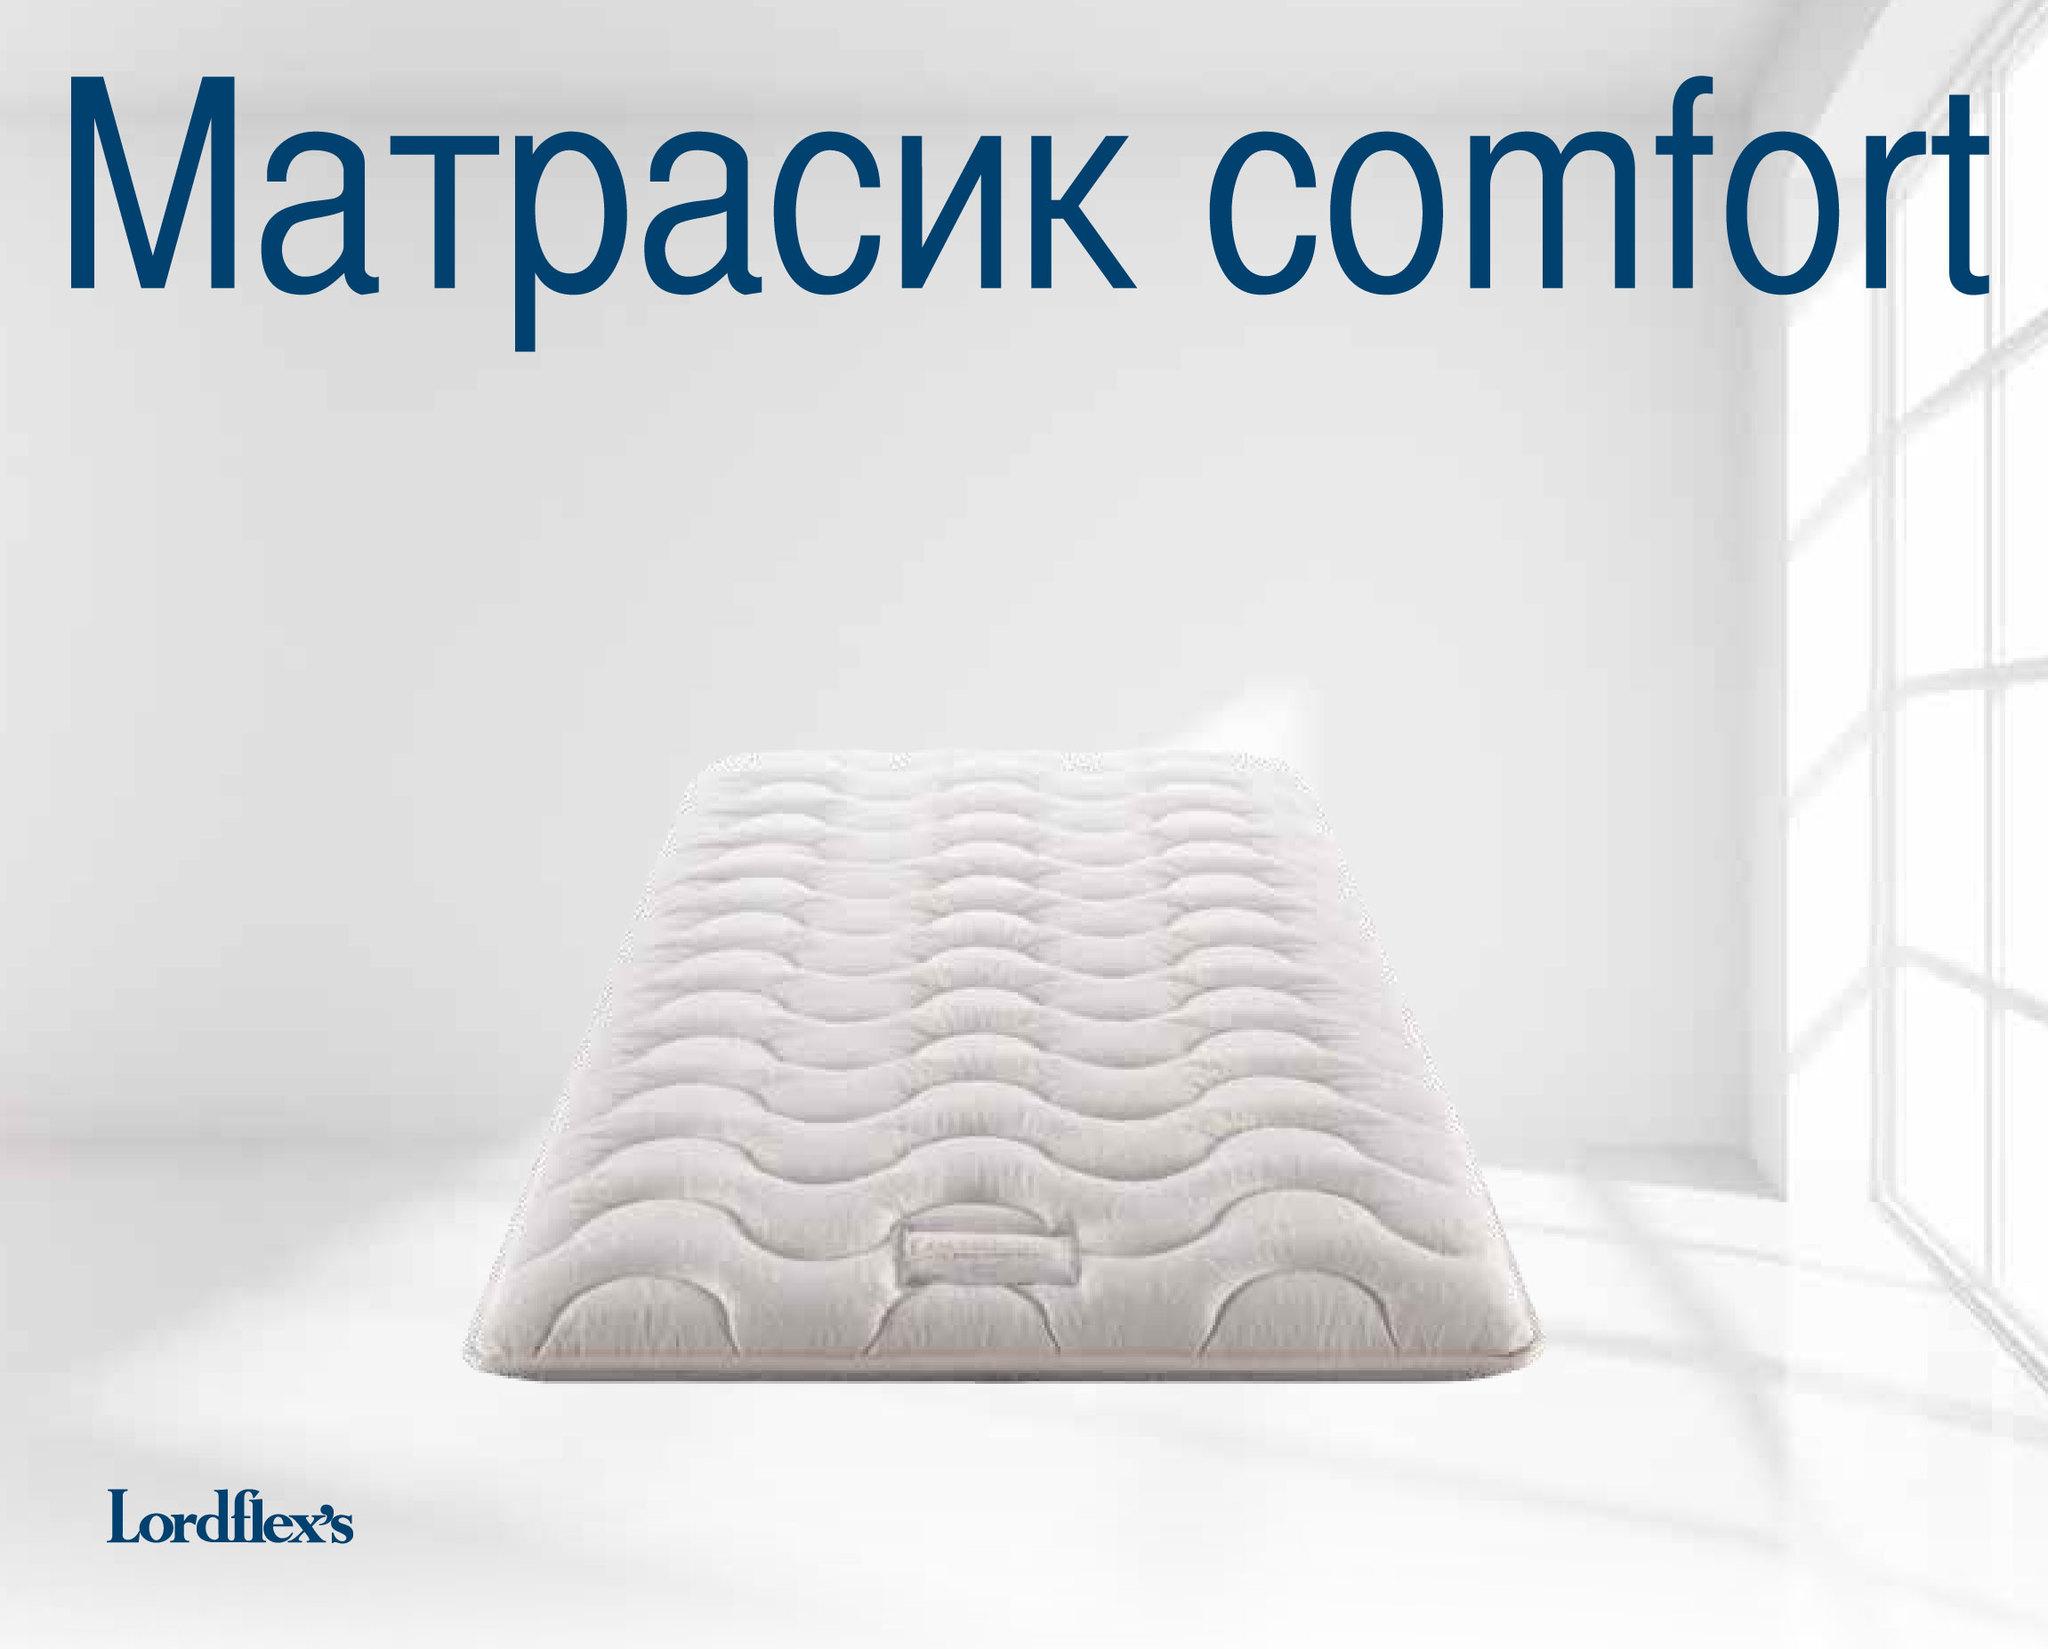 Матрасы Матрасик ортопедический 90х200 Lordflex's Comfort Lattice Materassino-Comfort.jpg